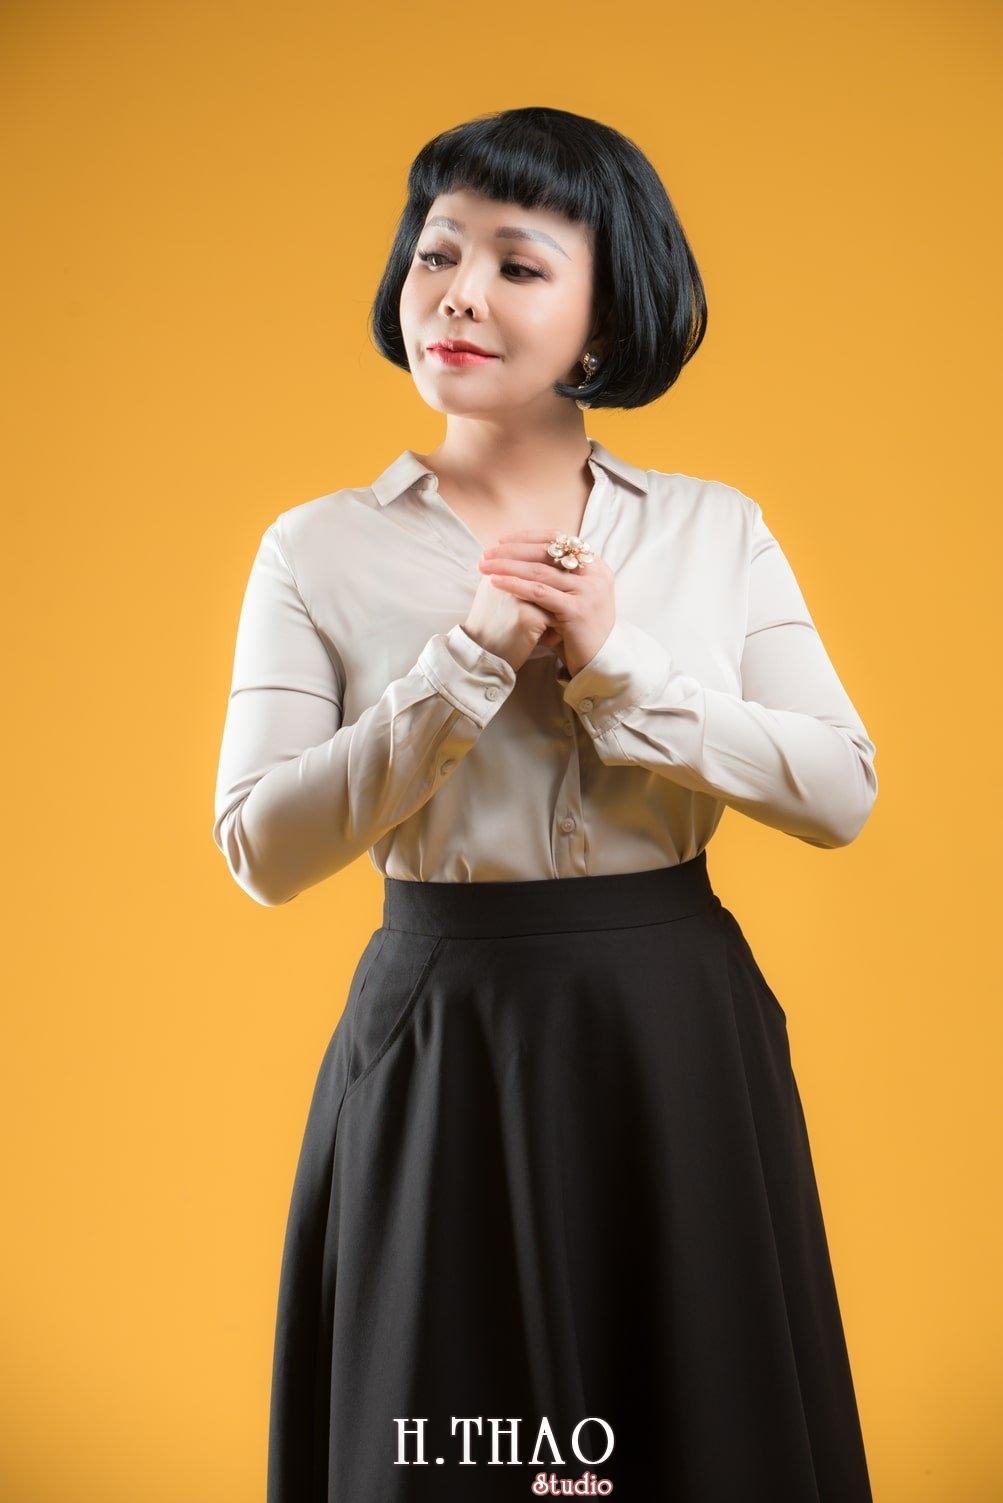 Doanh nhan dao tao 21 - Album nữ doanh nhân ngành đào tạo giải pháp Hoàng Dung